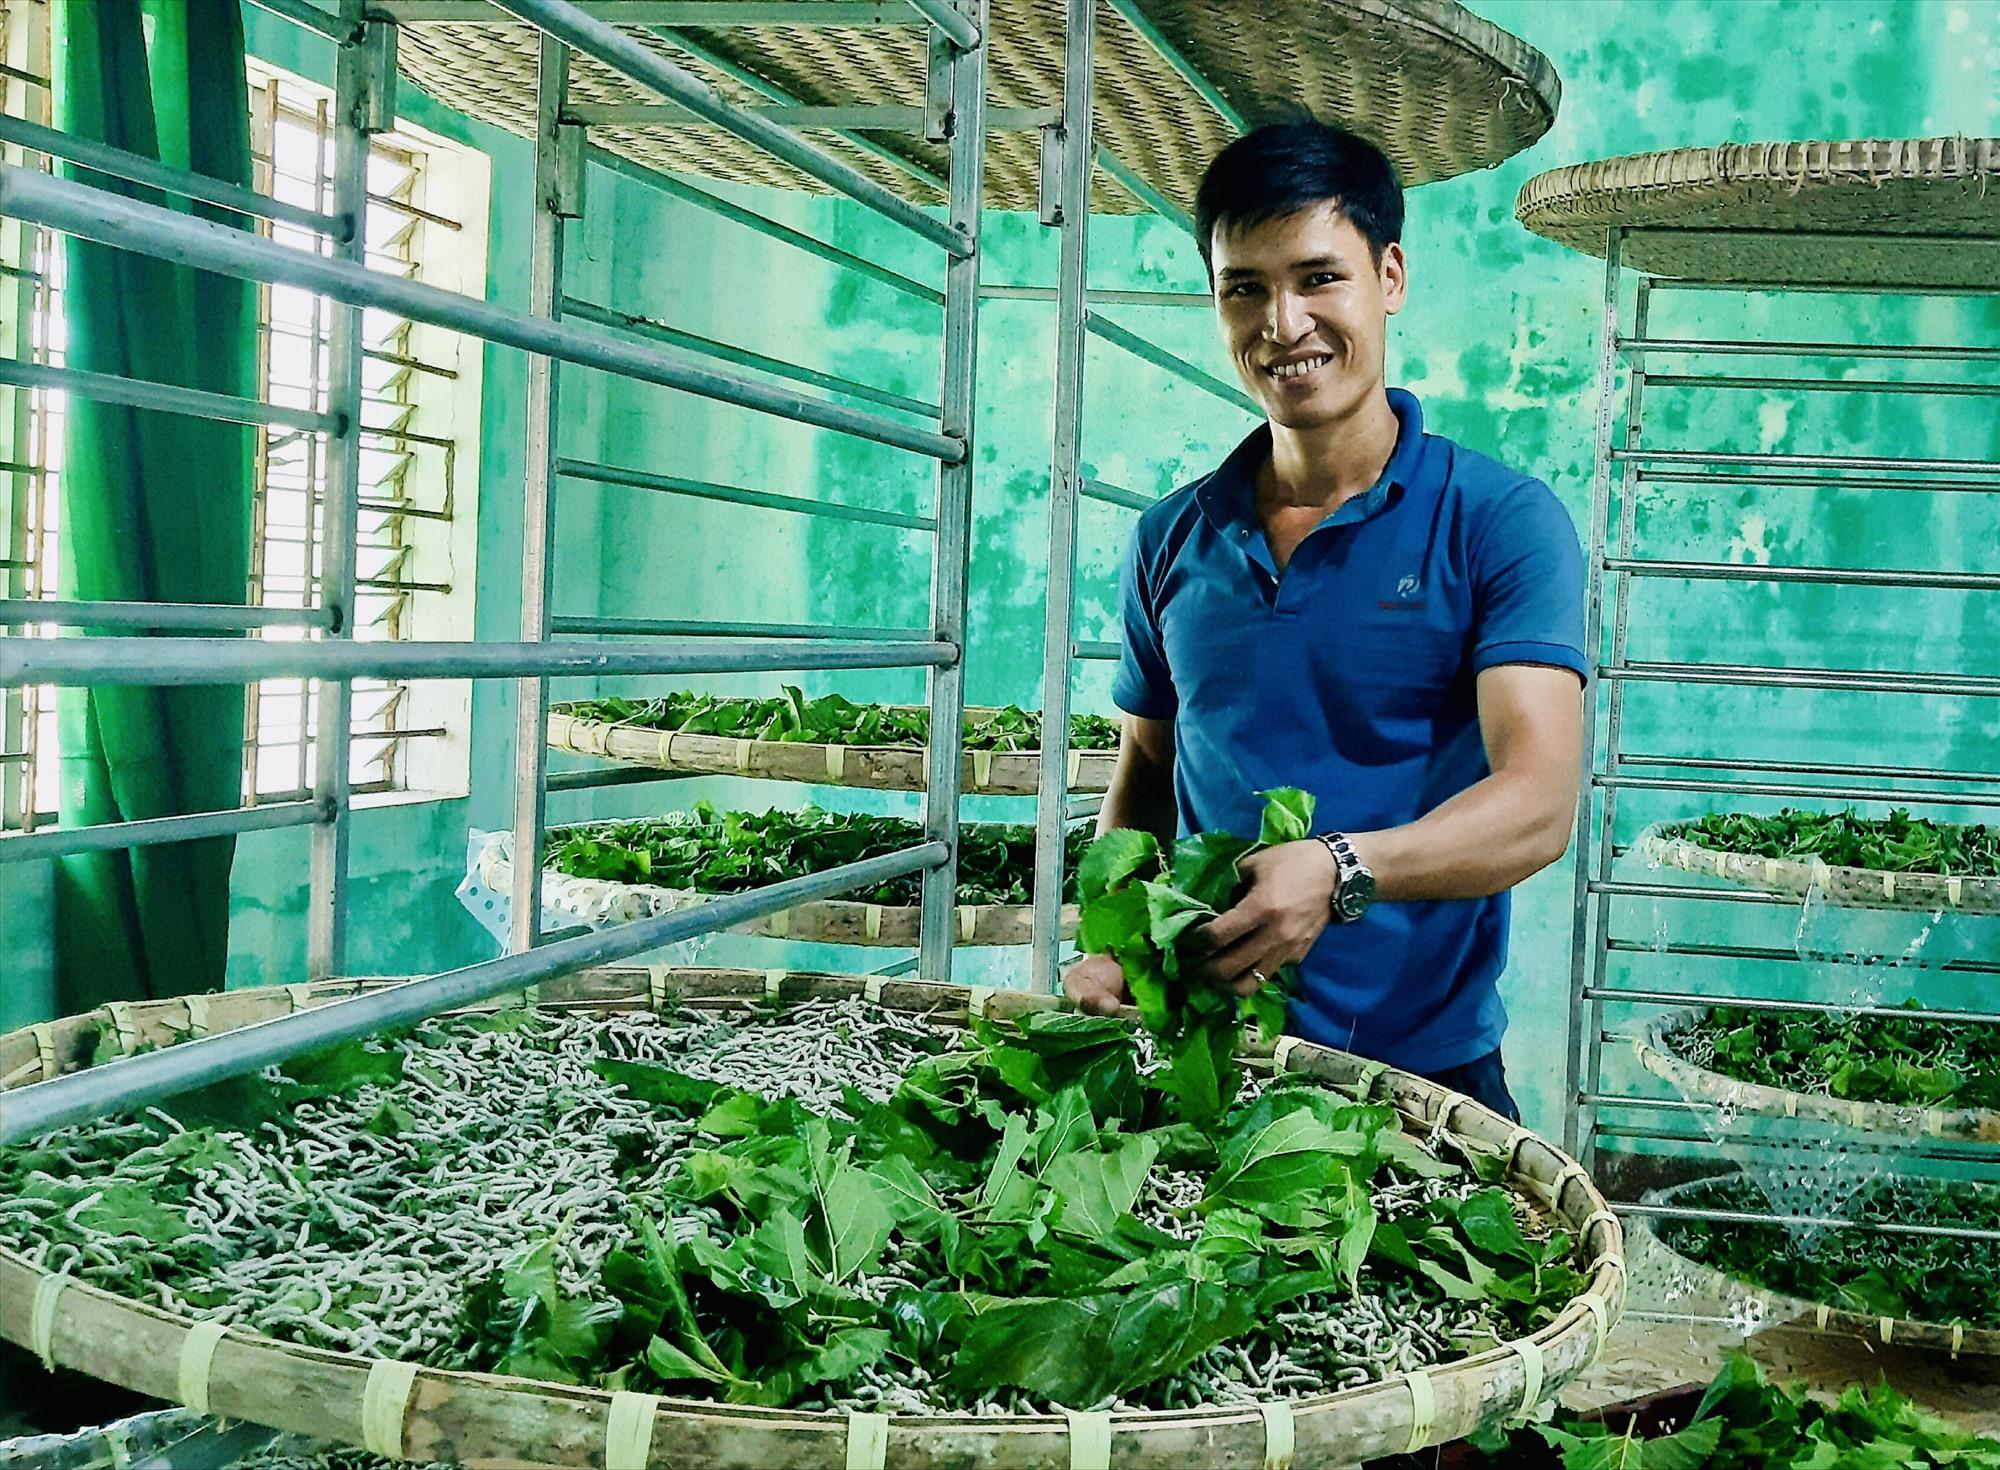 Một trong những khó khăn lớn nhất của nghề trồng dâu, nuôi tằm hiện nay là thiếu lao động trẻ, tâm huyết. Ảnh: S.T